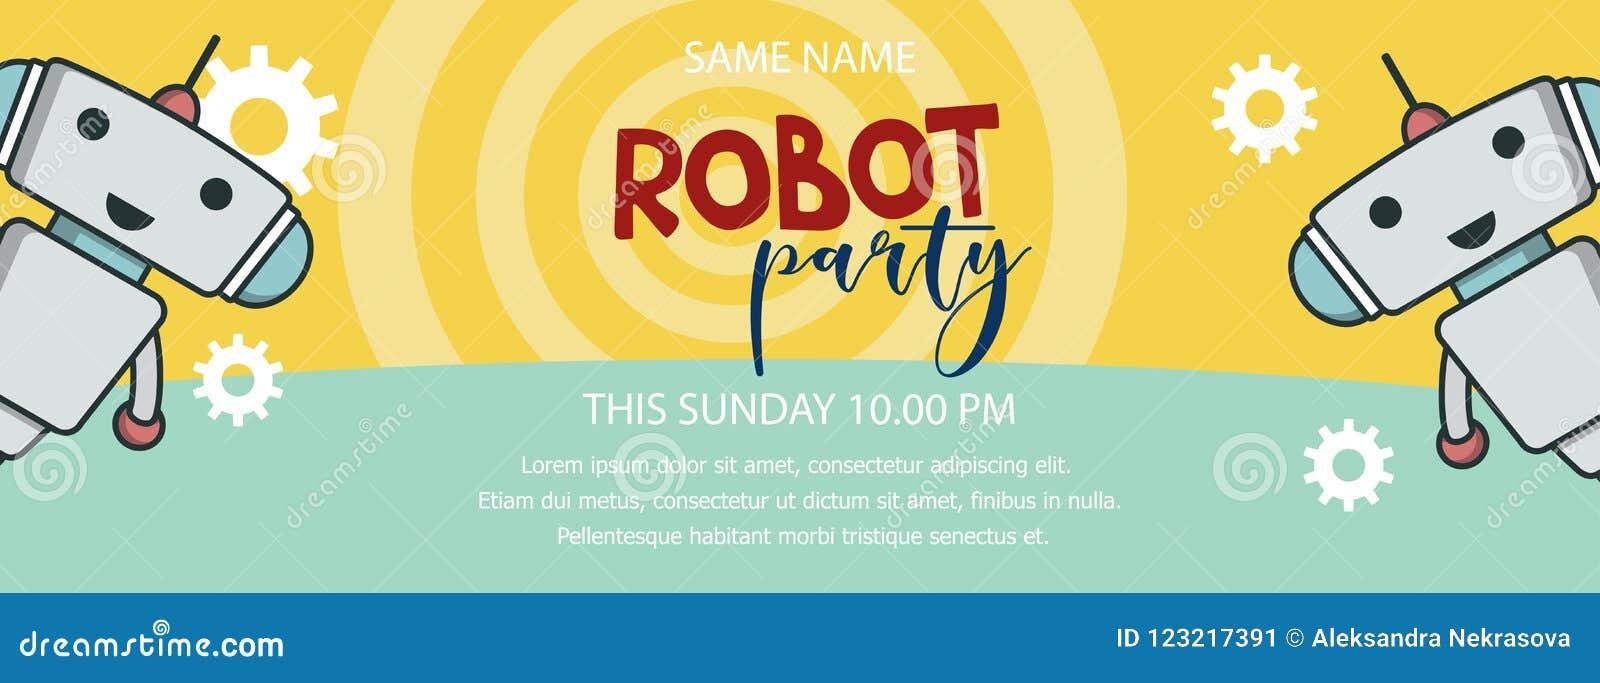 Bannière de promo de partie de robot